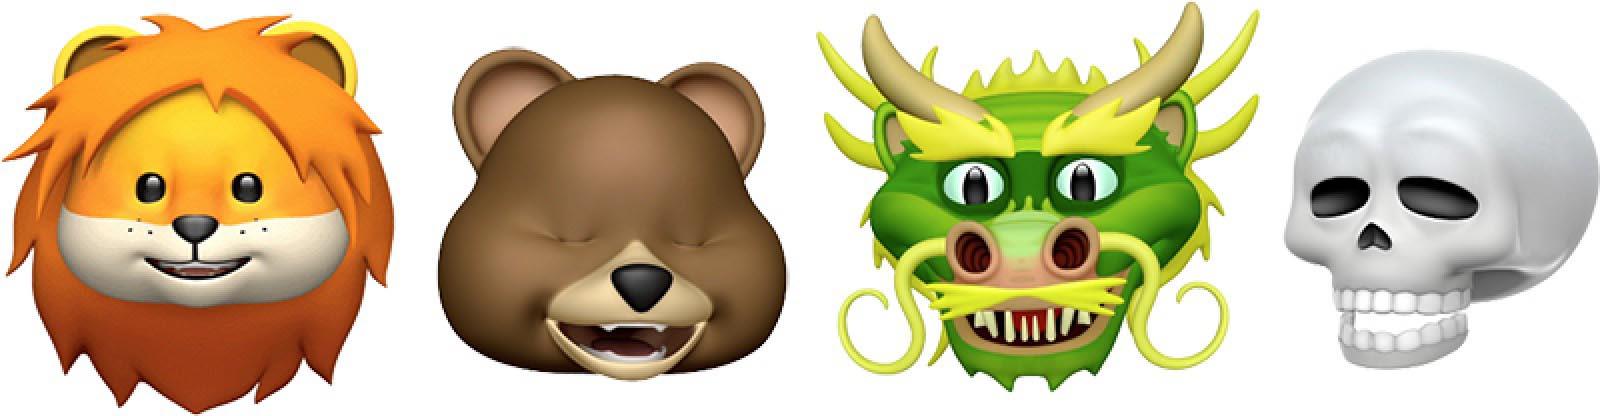 iOS 11.3 Animojis